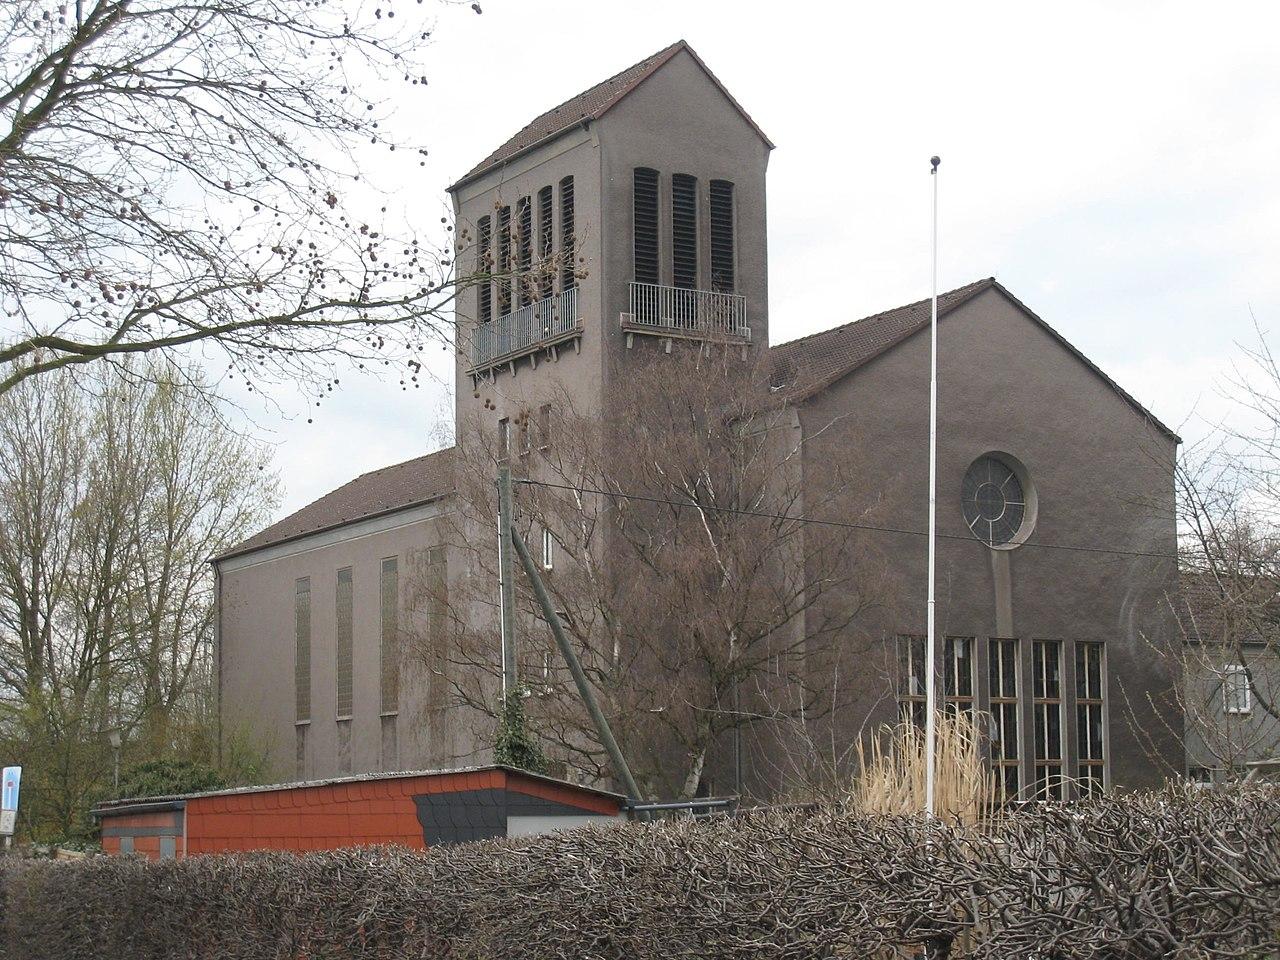 Fileadvent kirche dortmund hordejpg wikimedia commons for Küche dortmund